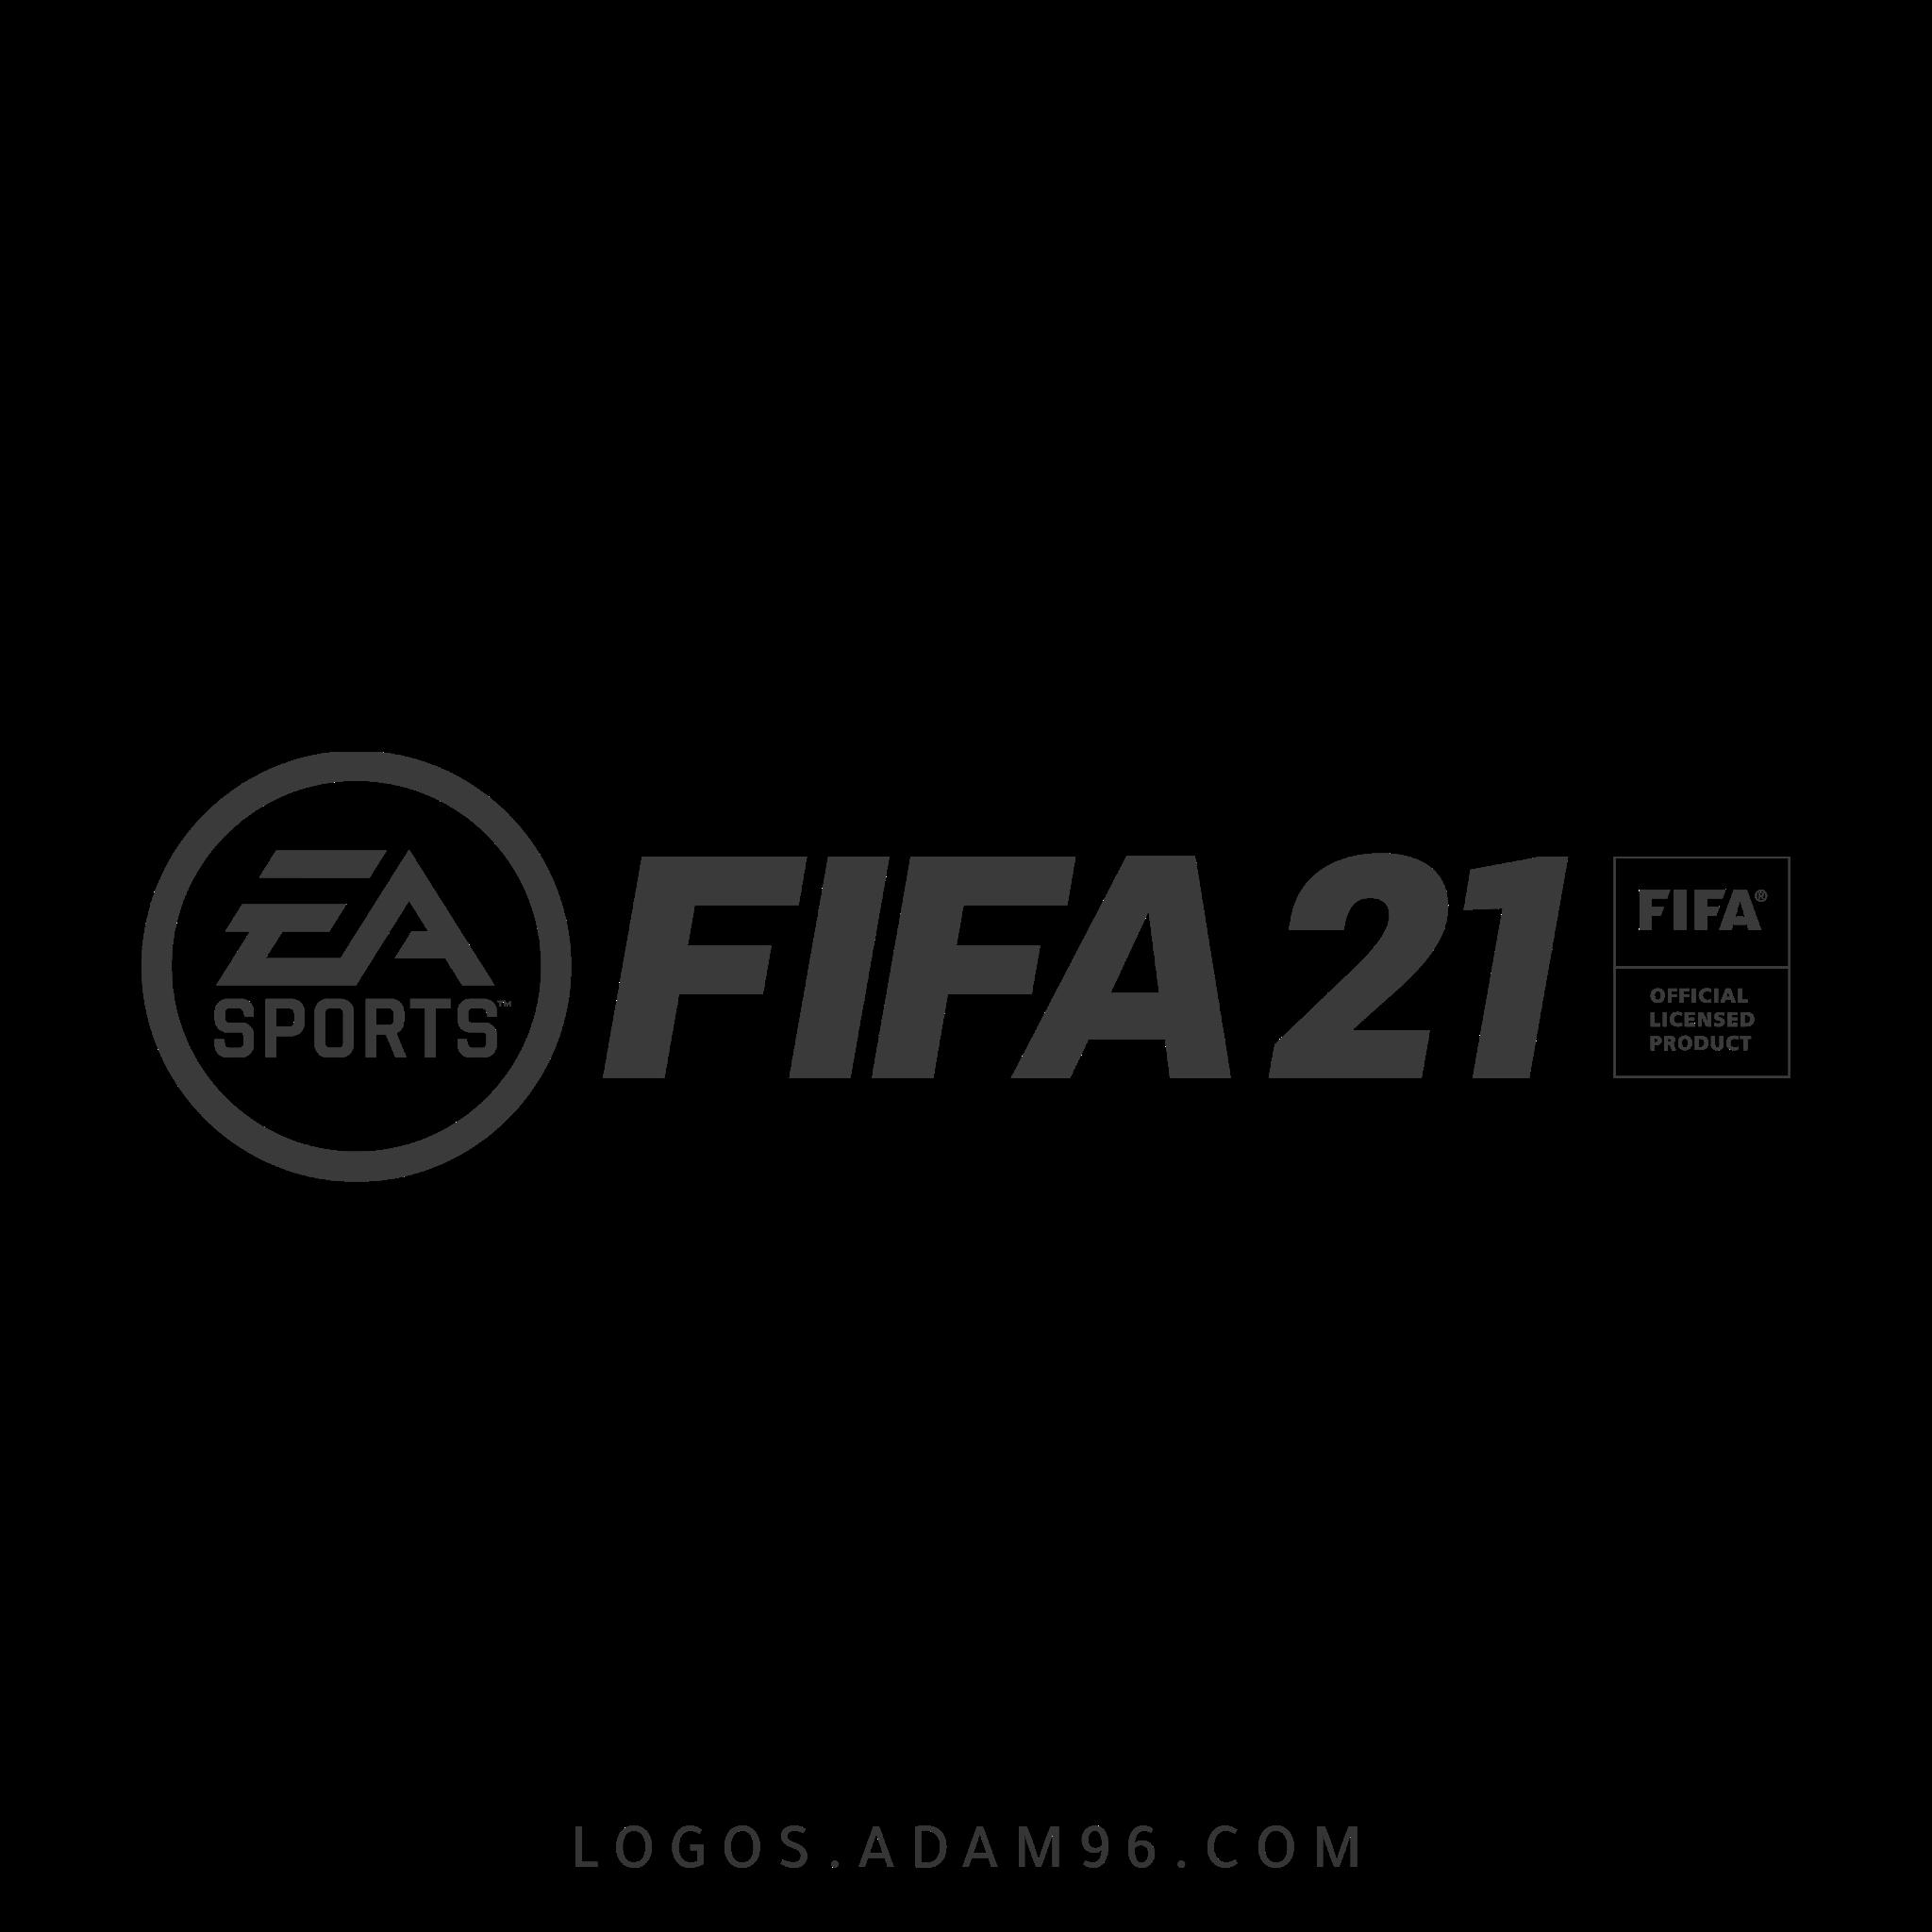 تحميل شعار فيفا 21 لوجو عالي الدقة بصيغة شفافة Logo FIFA 21 PNG